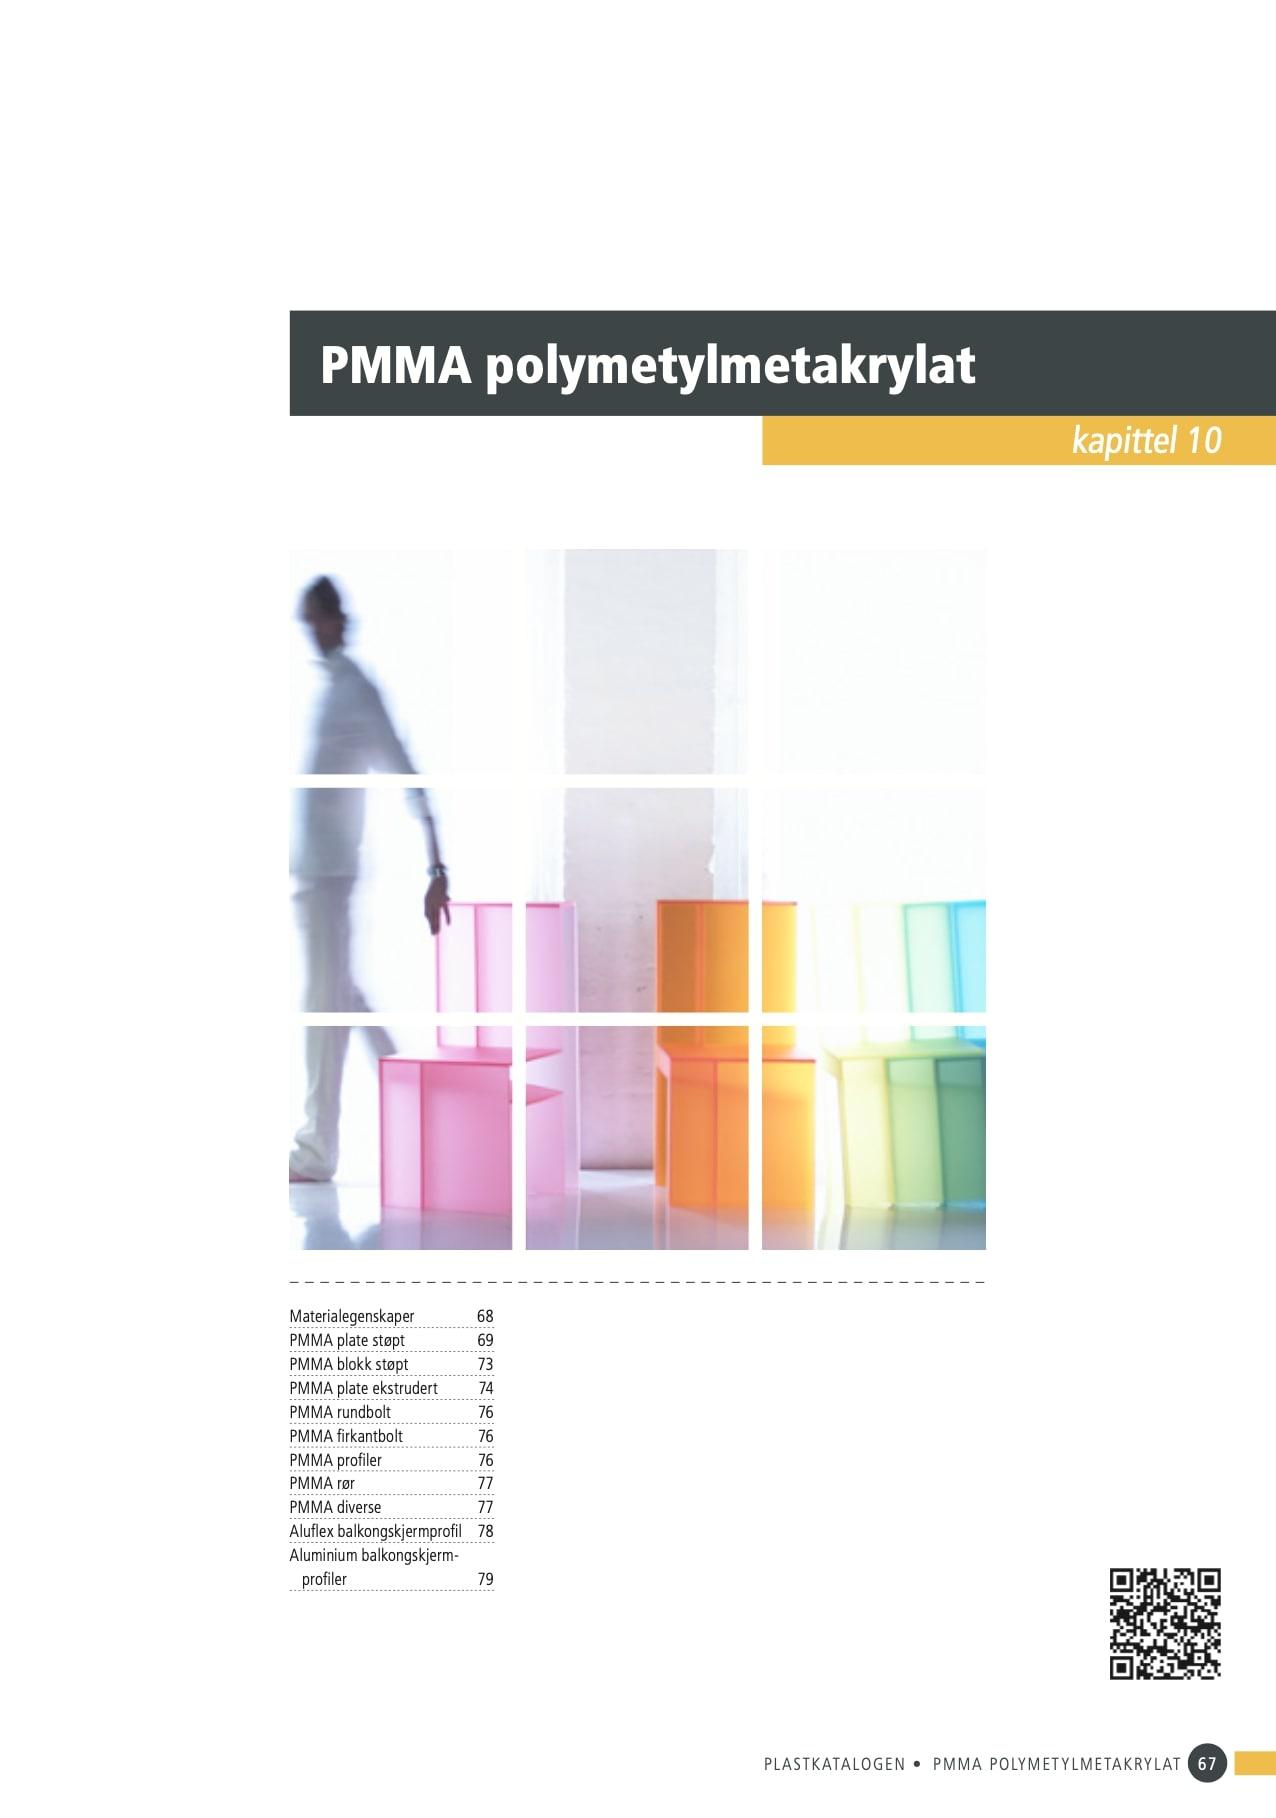 10. PMMA